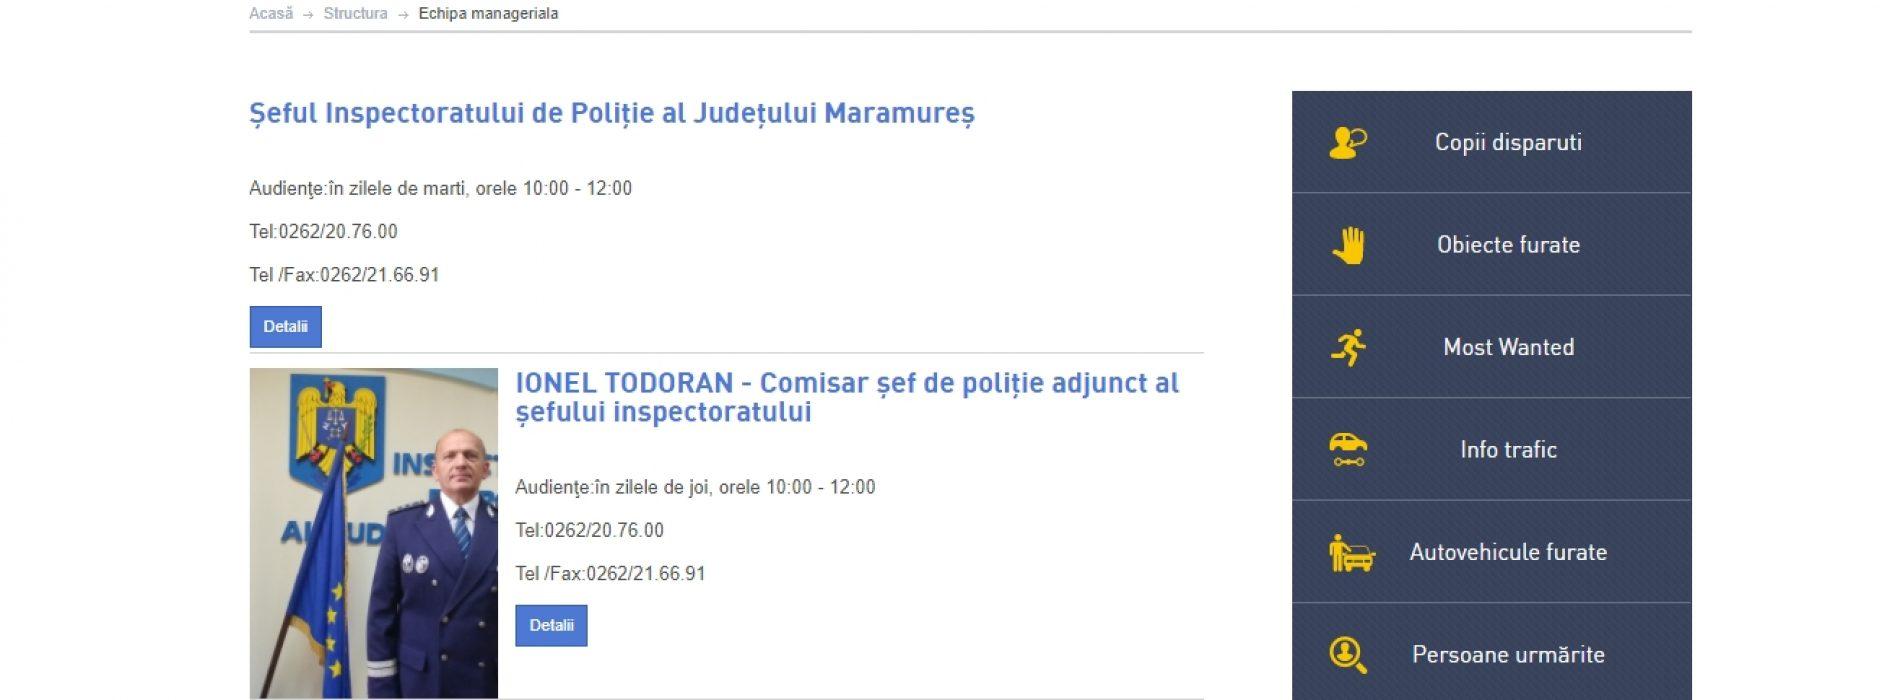 RUȘINE. Ionel Todoran este PROPRIUL SĂU ADJUNCT la conducerea IPJ Maramureș. Află ce e pe pagina de INTERNET a inspectoratului